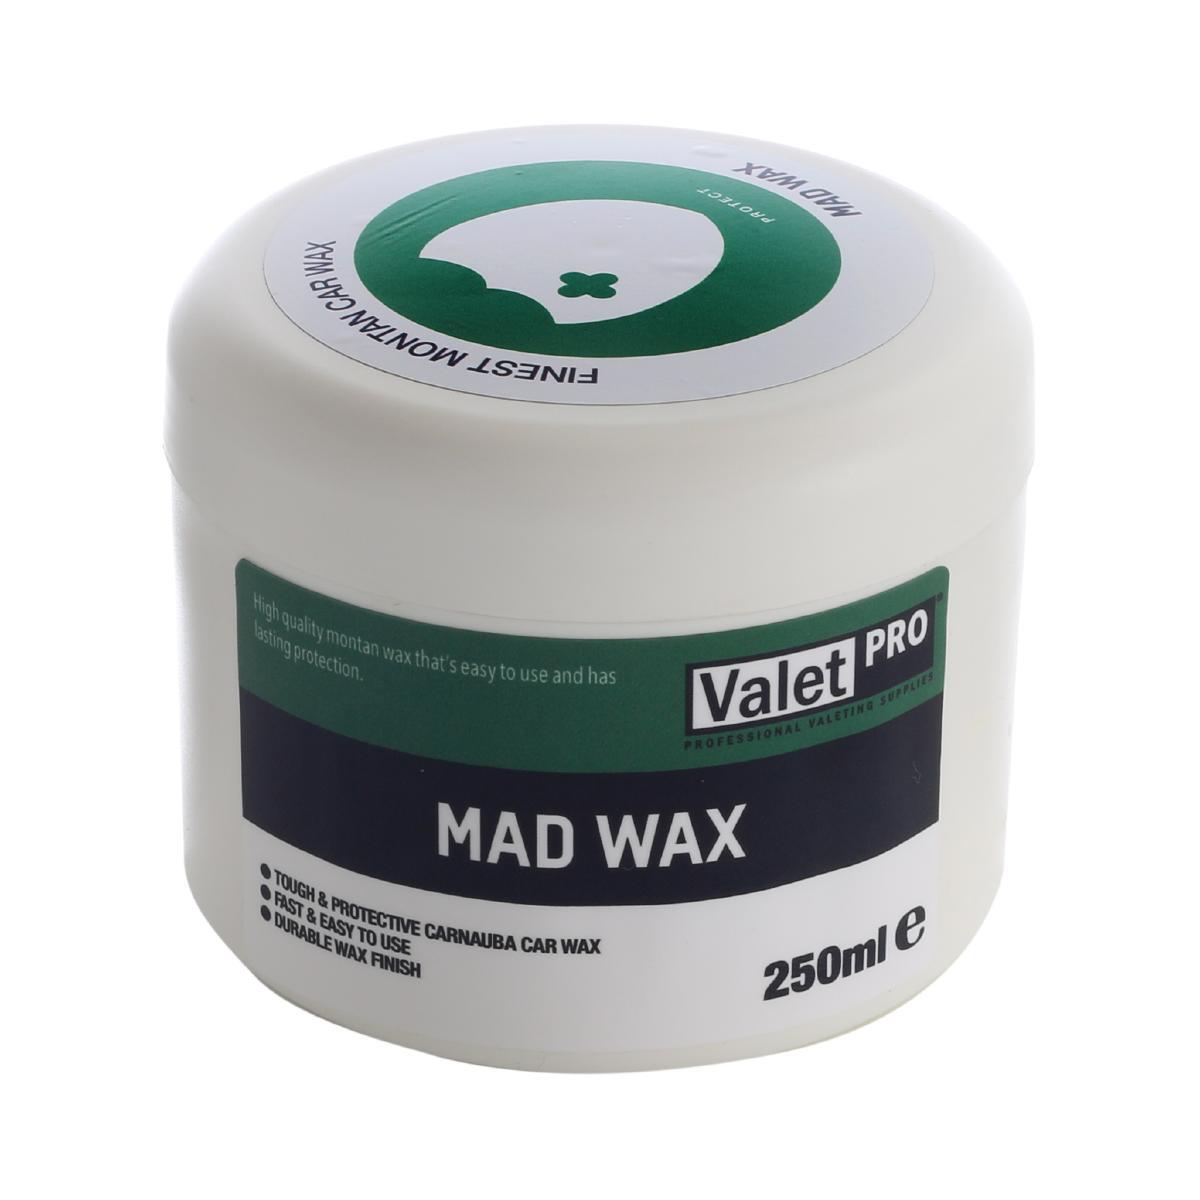 Bilvax ValetPRO Mad Wax, 250 ml, 250 ml